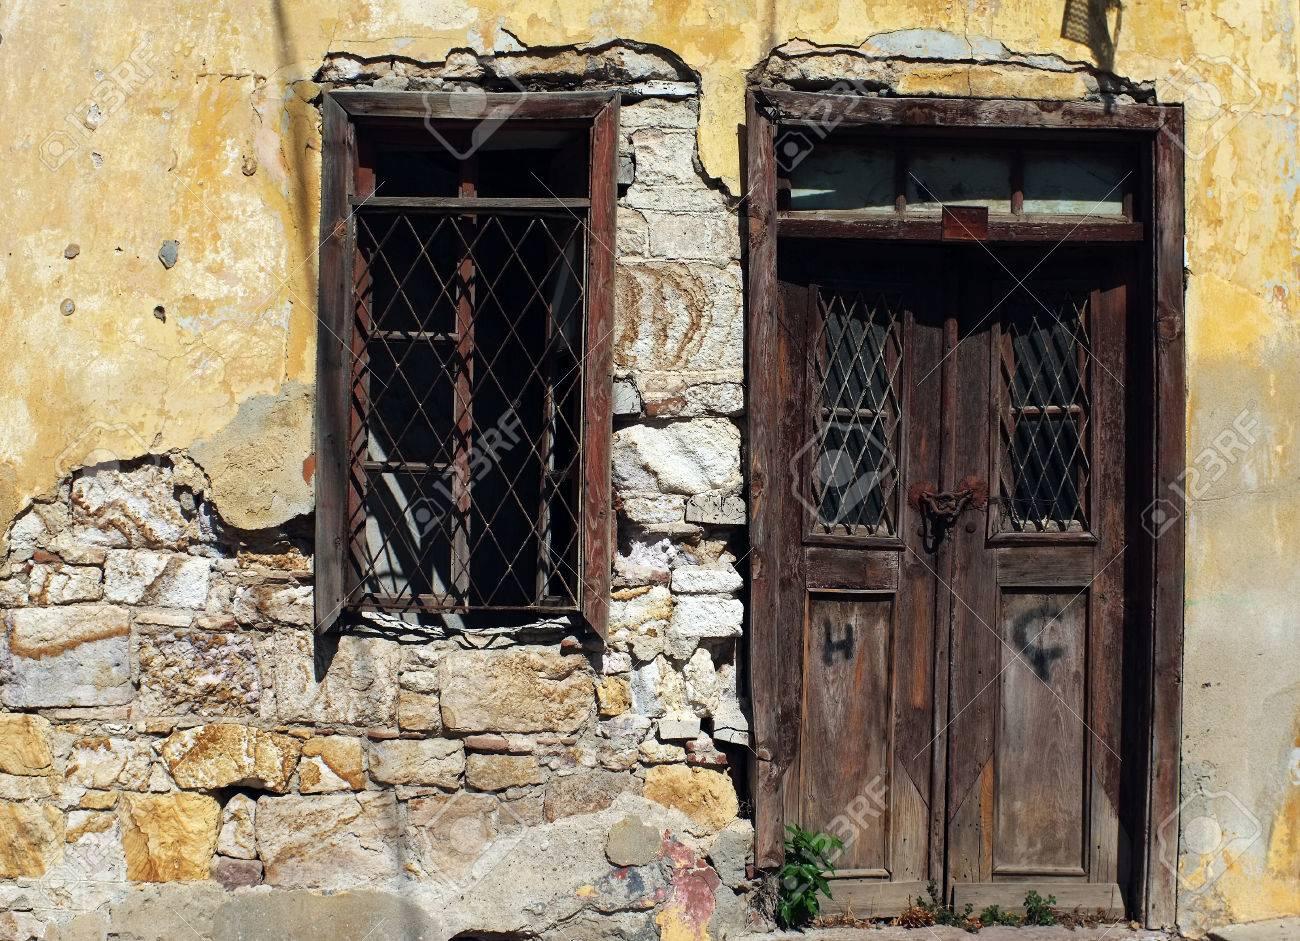 Vintage Tür alte holz-vintage-tür und fenster in der ruine lizenzfreie fotos